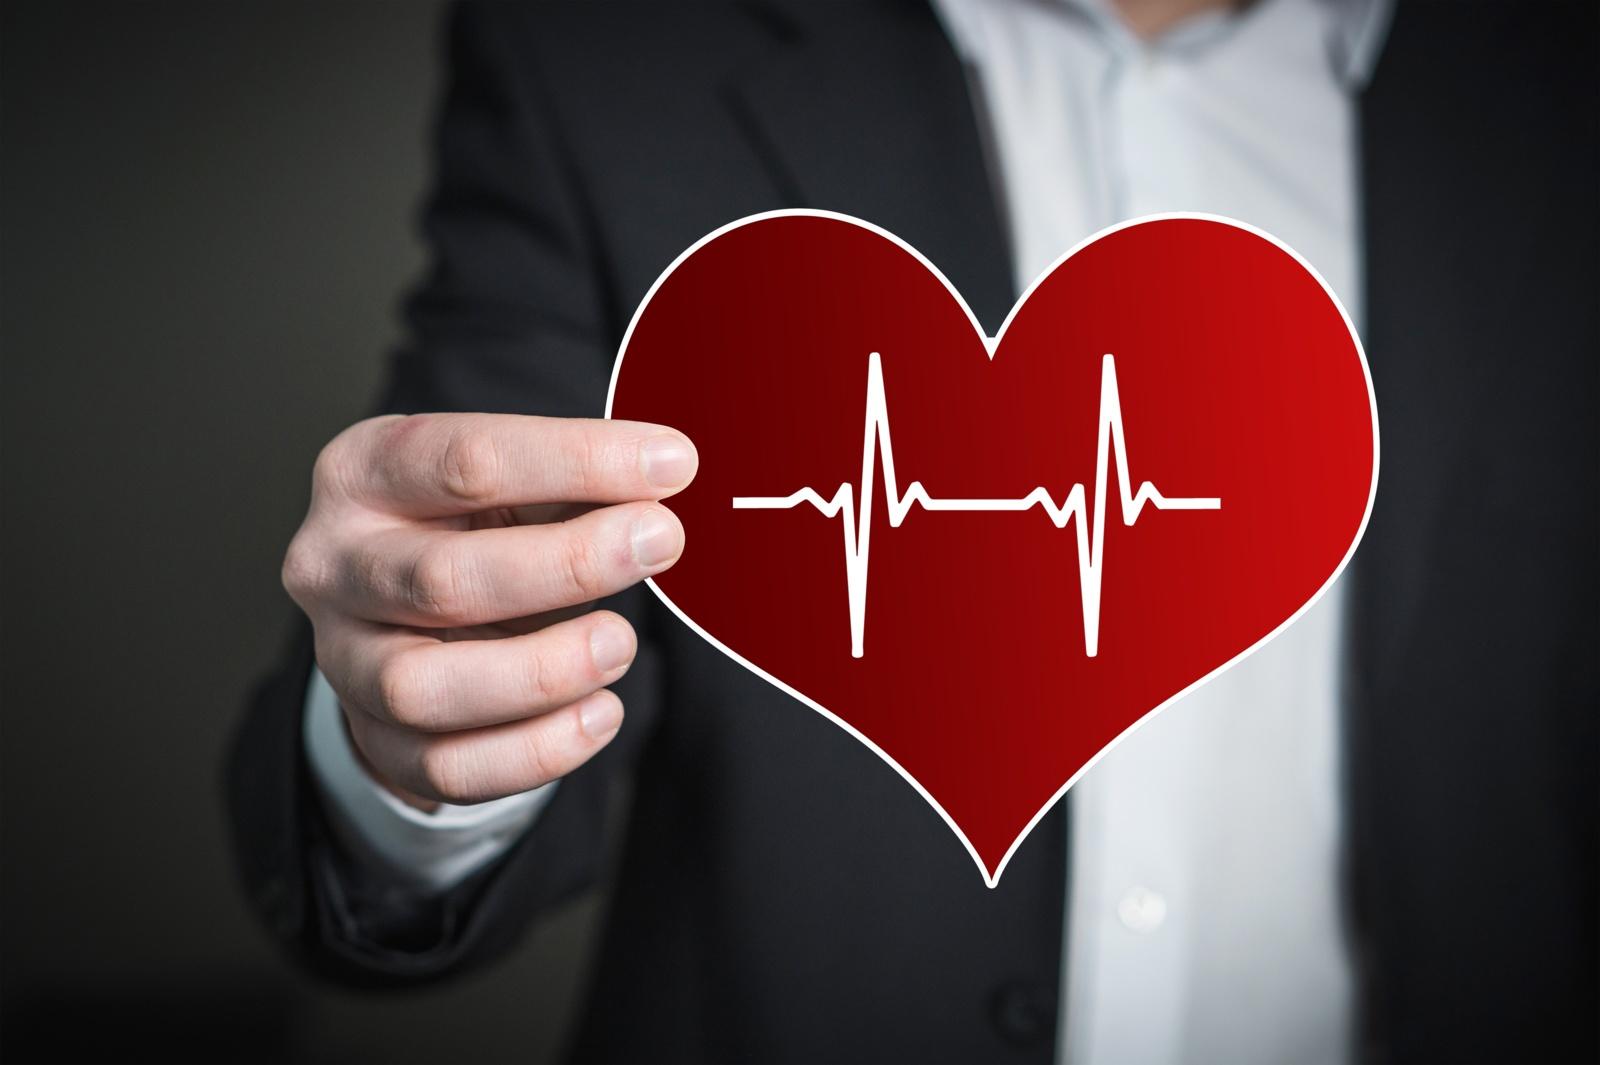 liaudies vaistas, kaip gydyti hipertenziją raumenų hipertenzijos simptomai